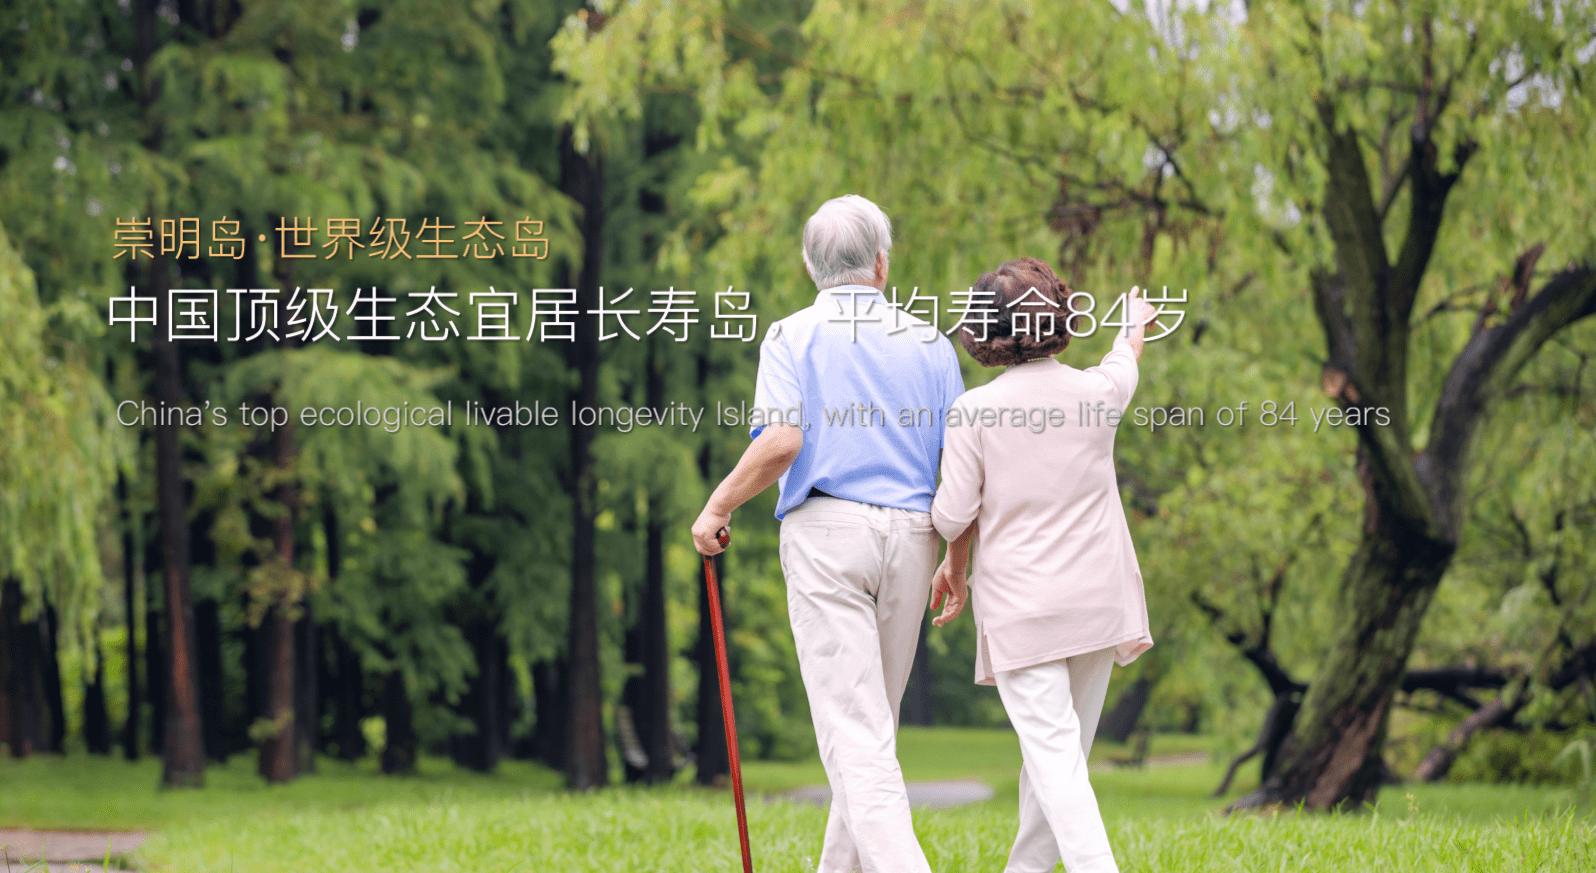 崇明岛紫竹园丨全龄段生态宜居社区